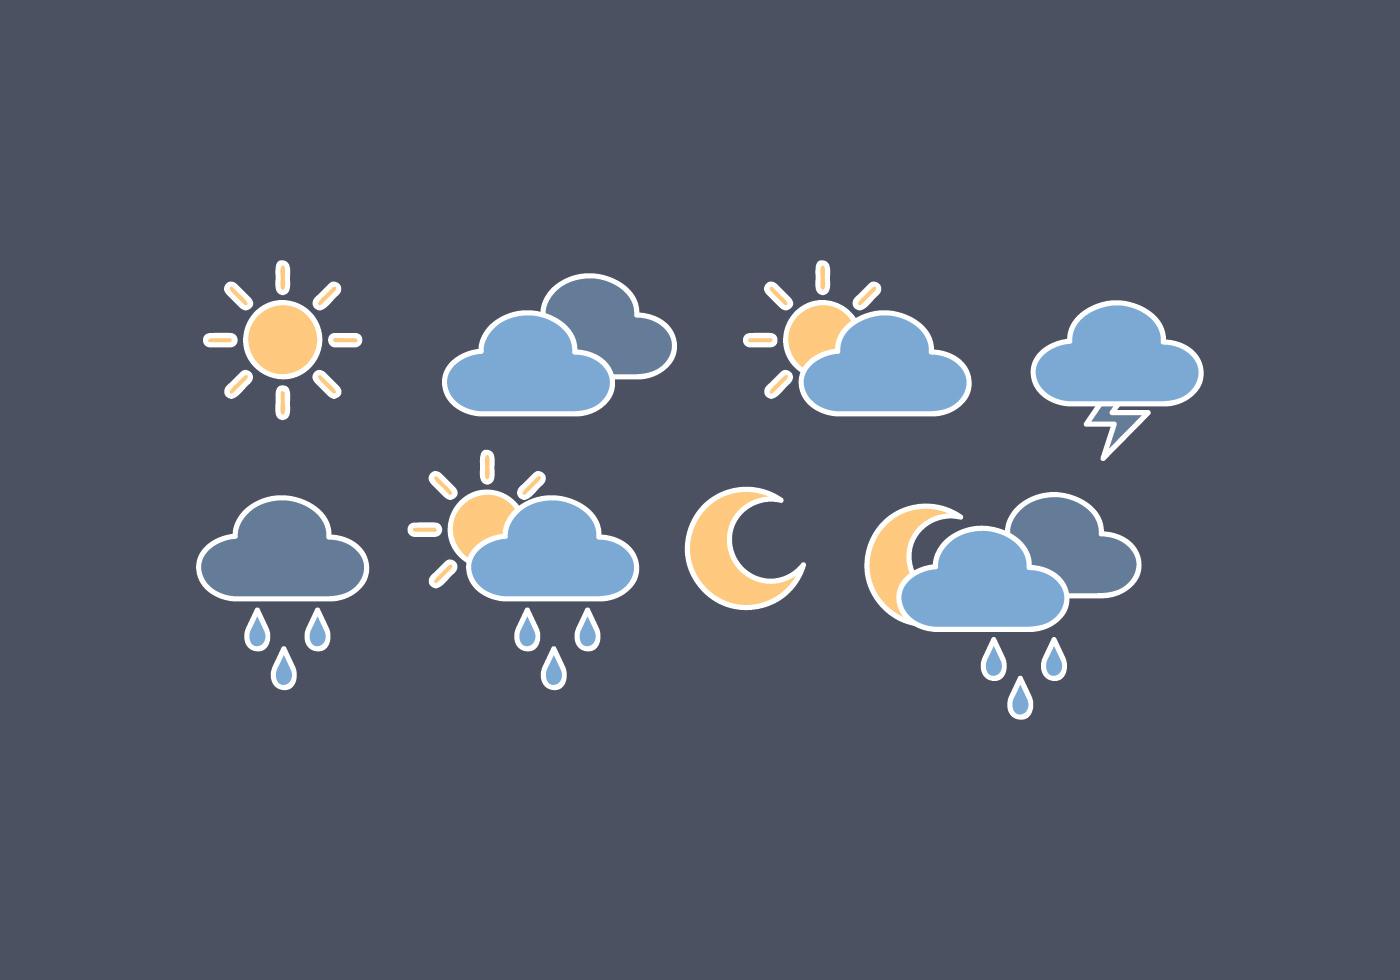 雲 icon 免費下載 | 天天瘋後製